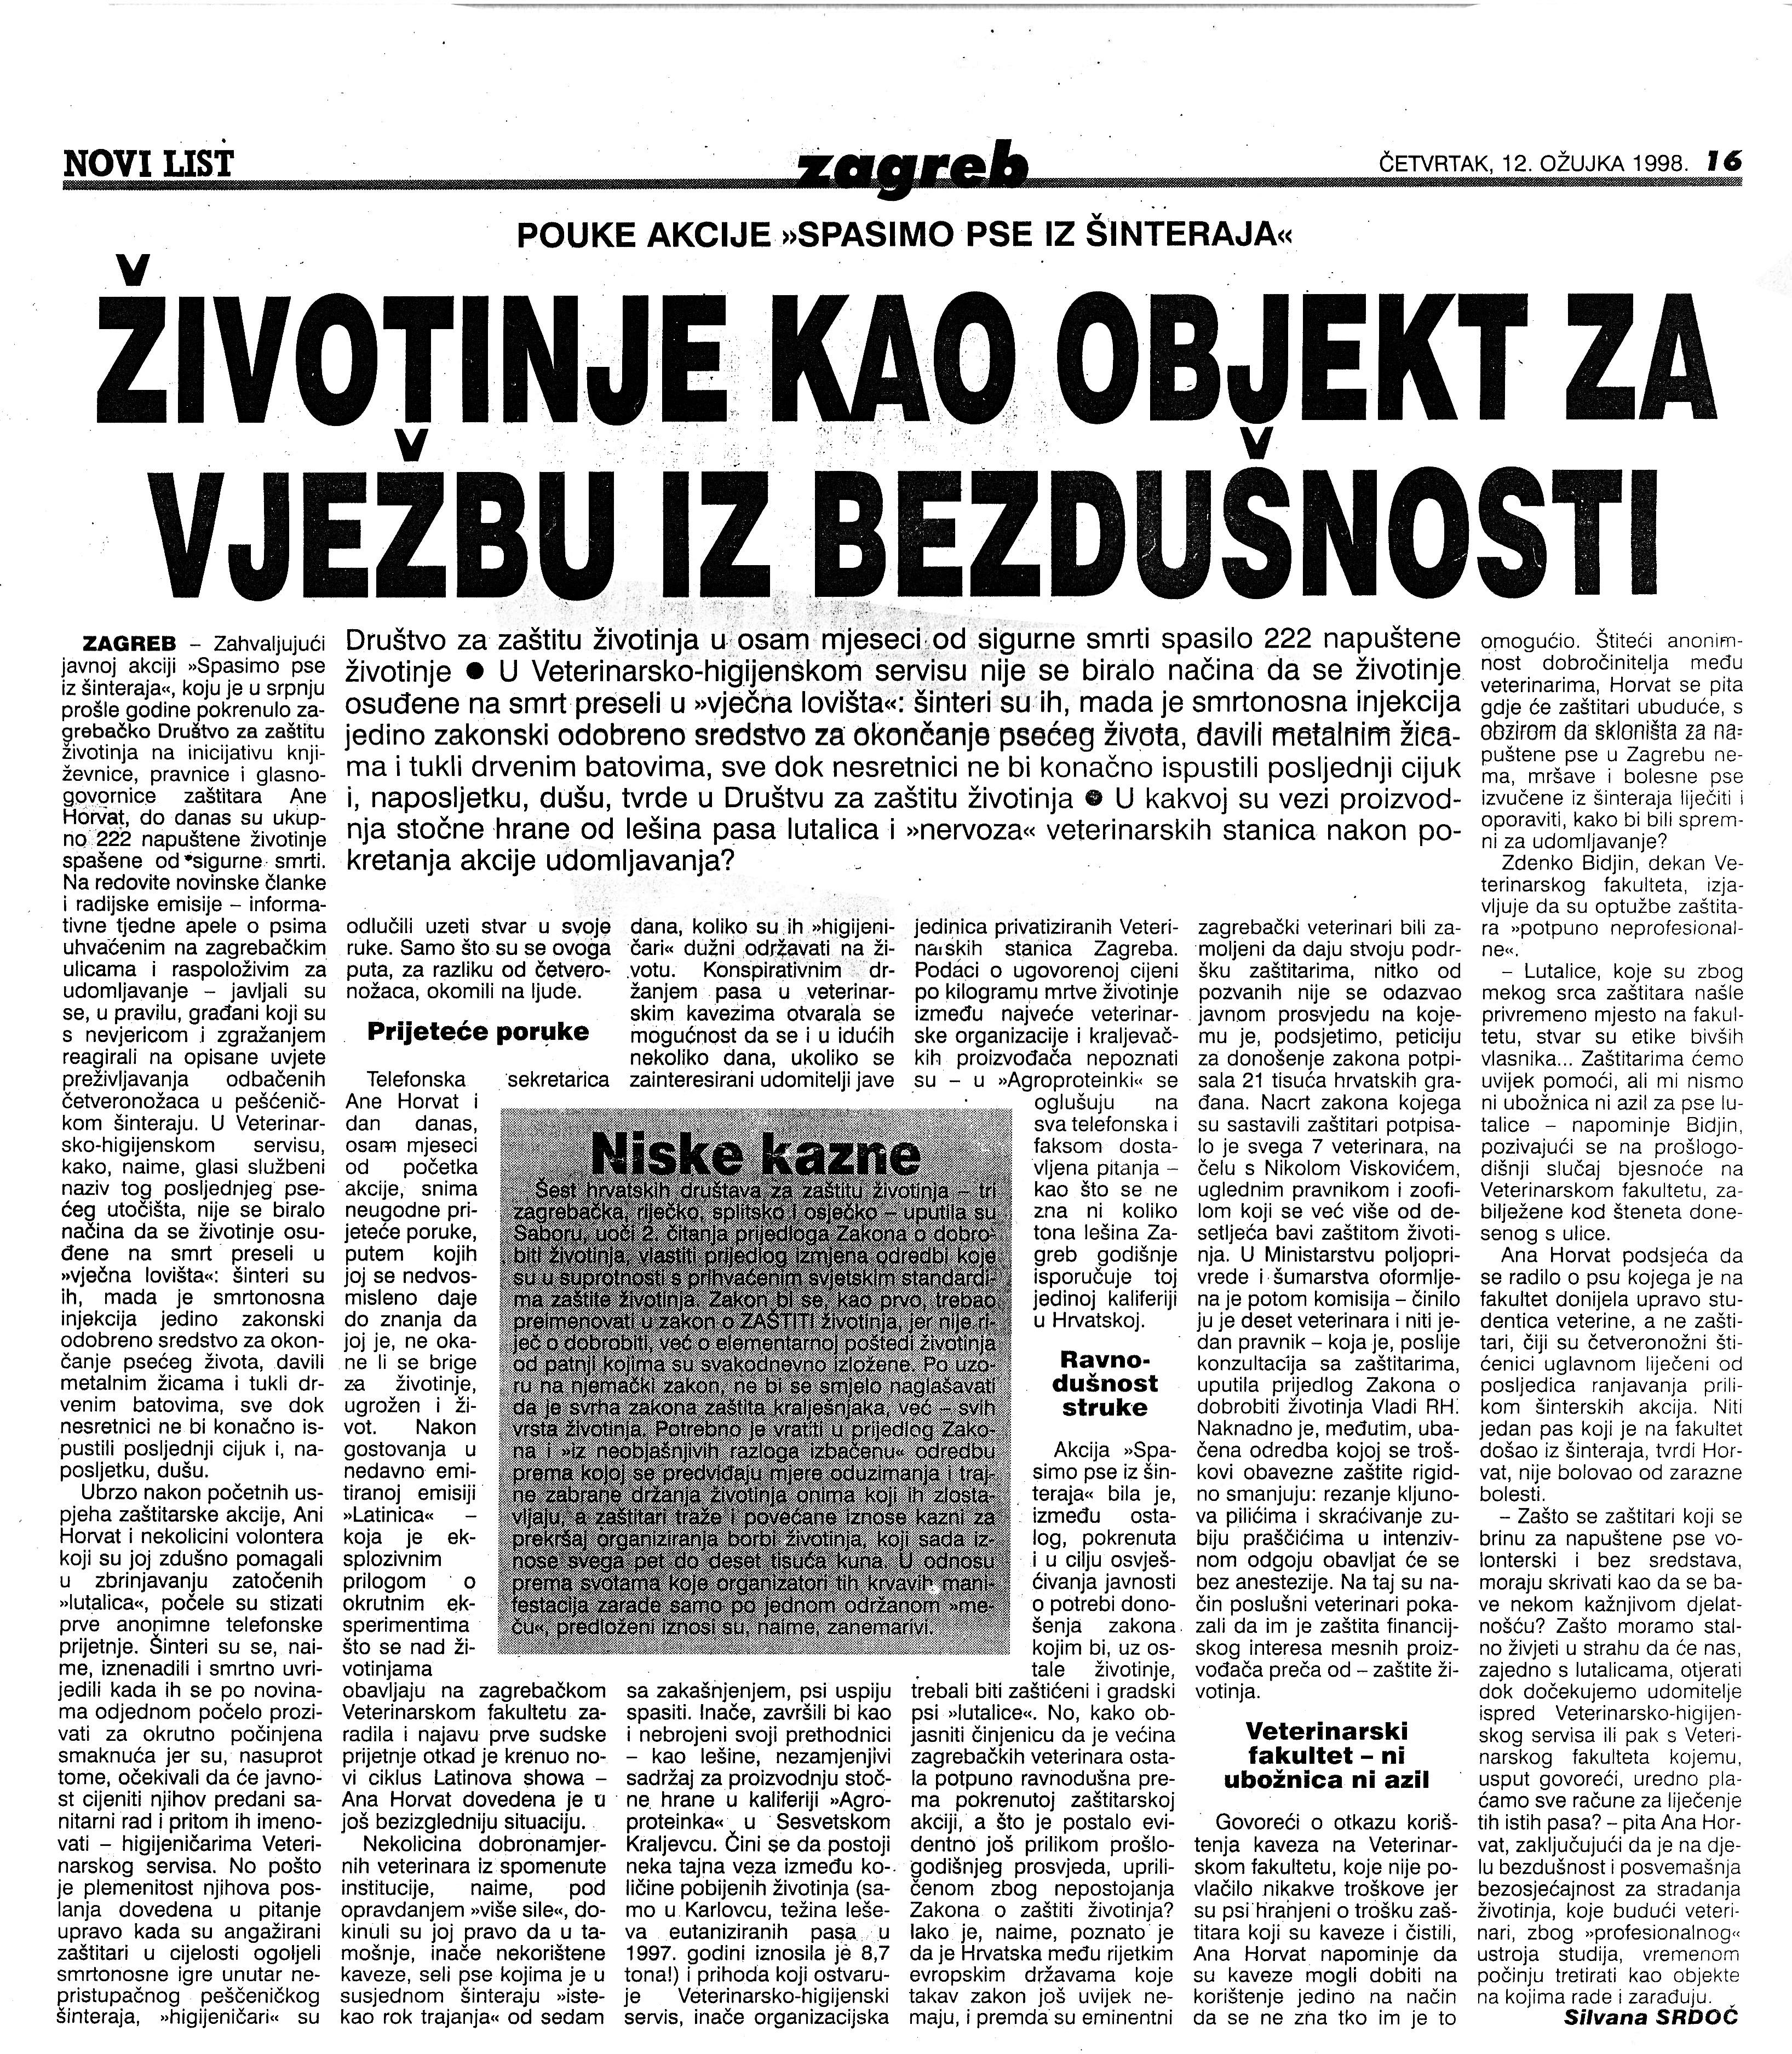 zivotinje_kao_objekt_za_vjezbu